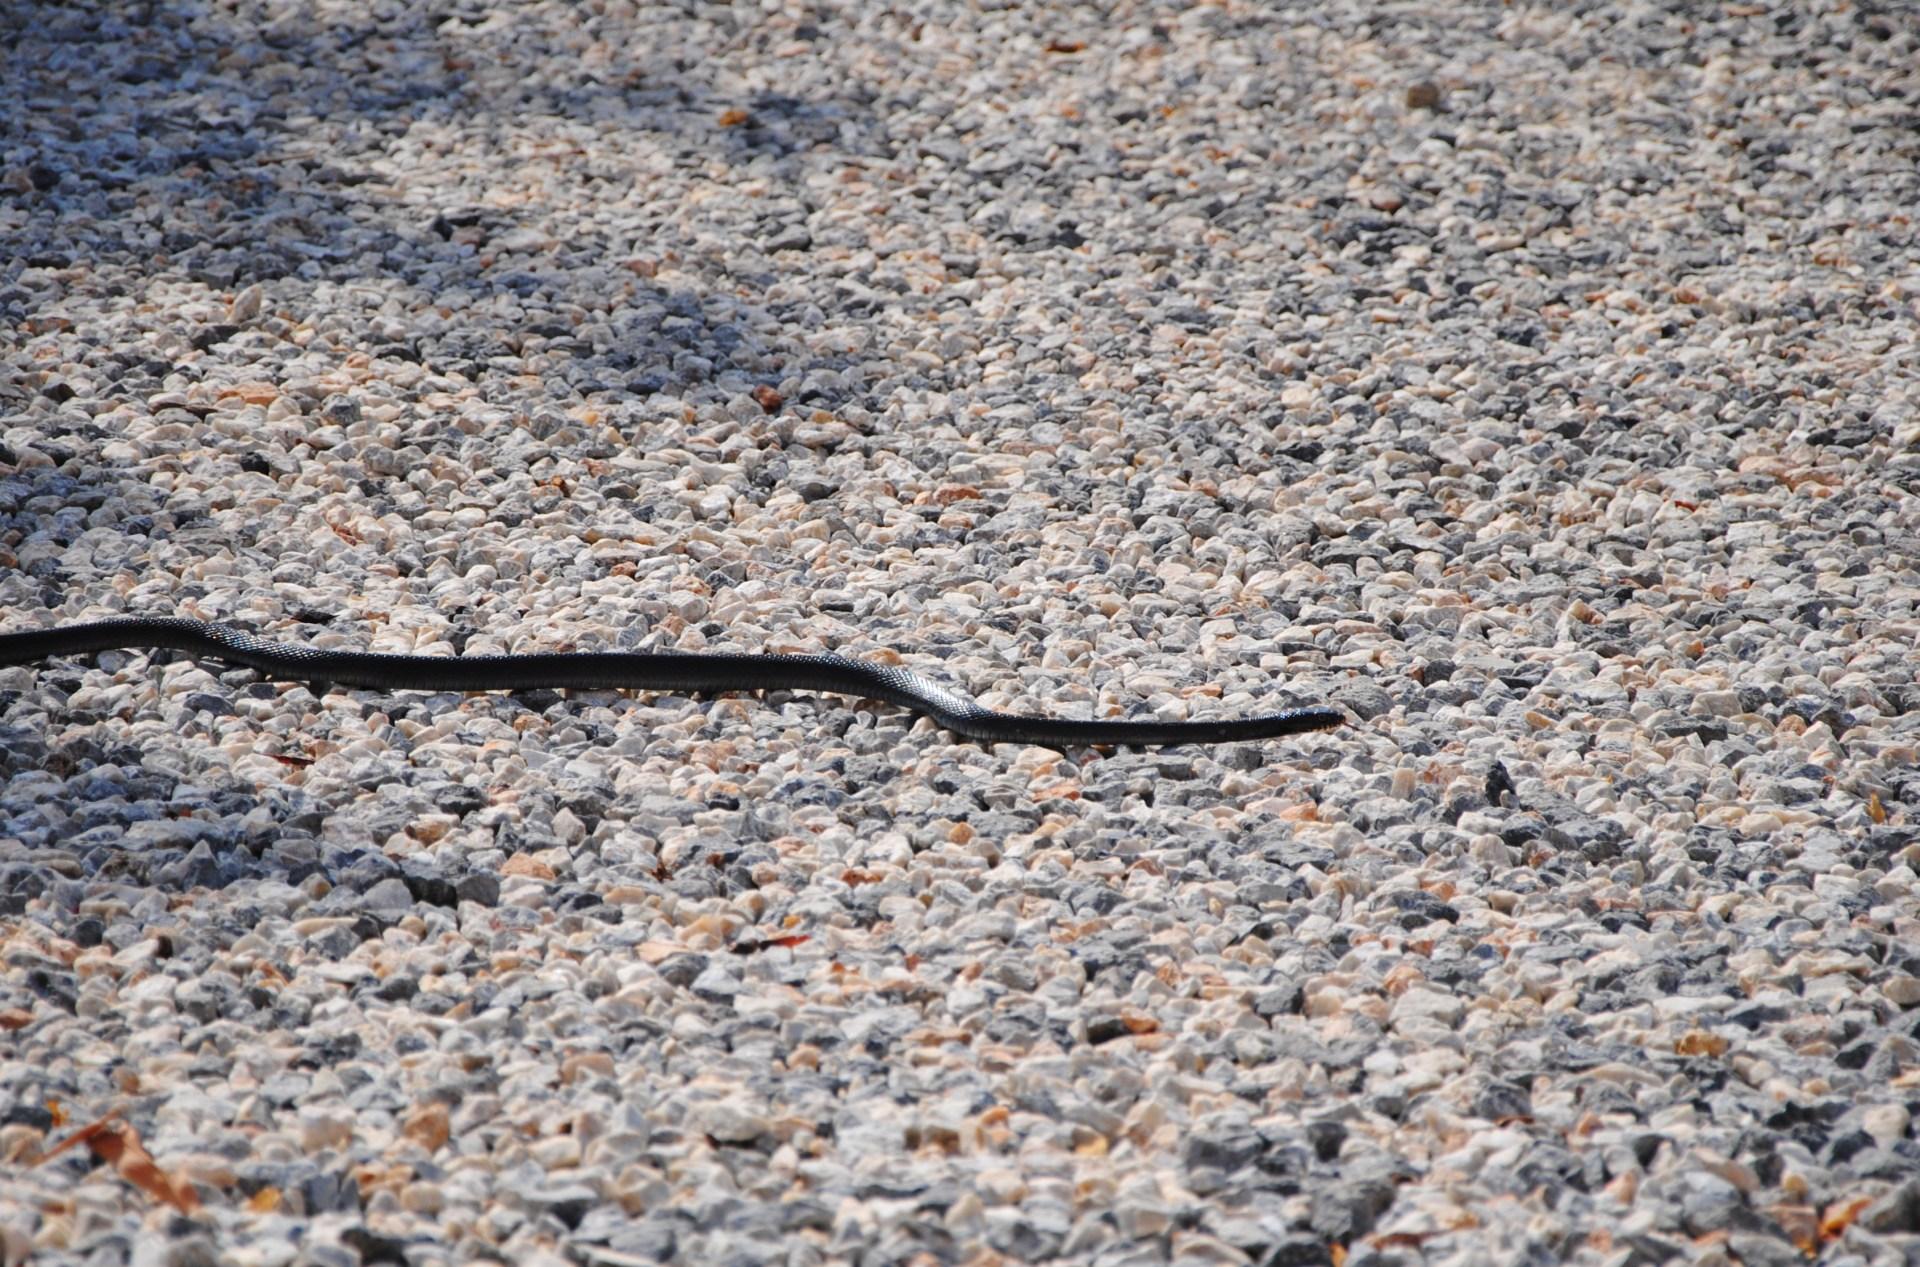 Eine Schlange auf dem Boden